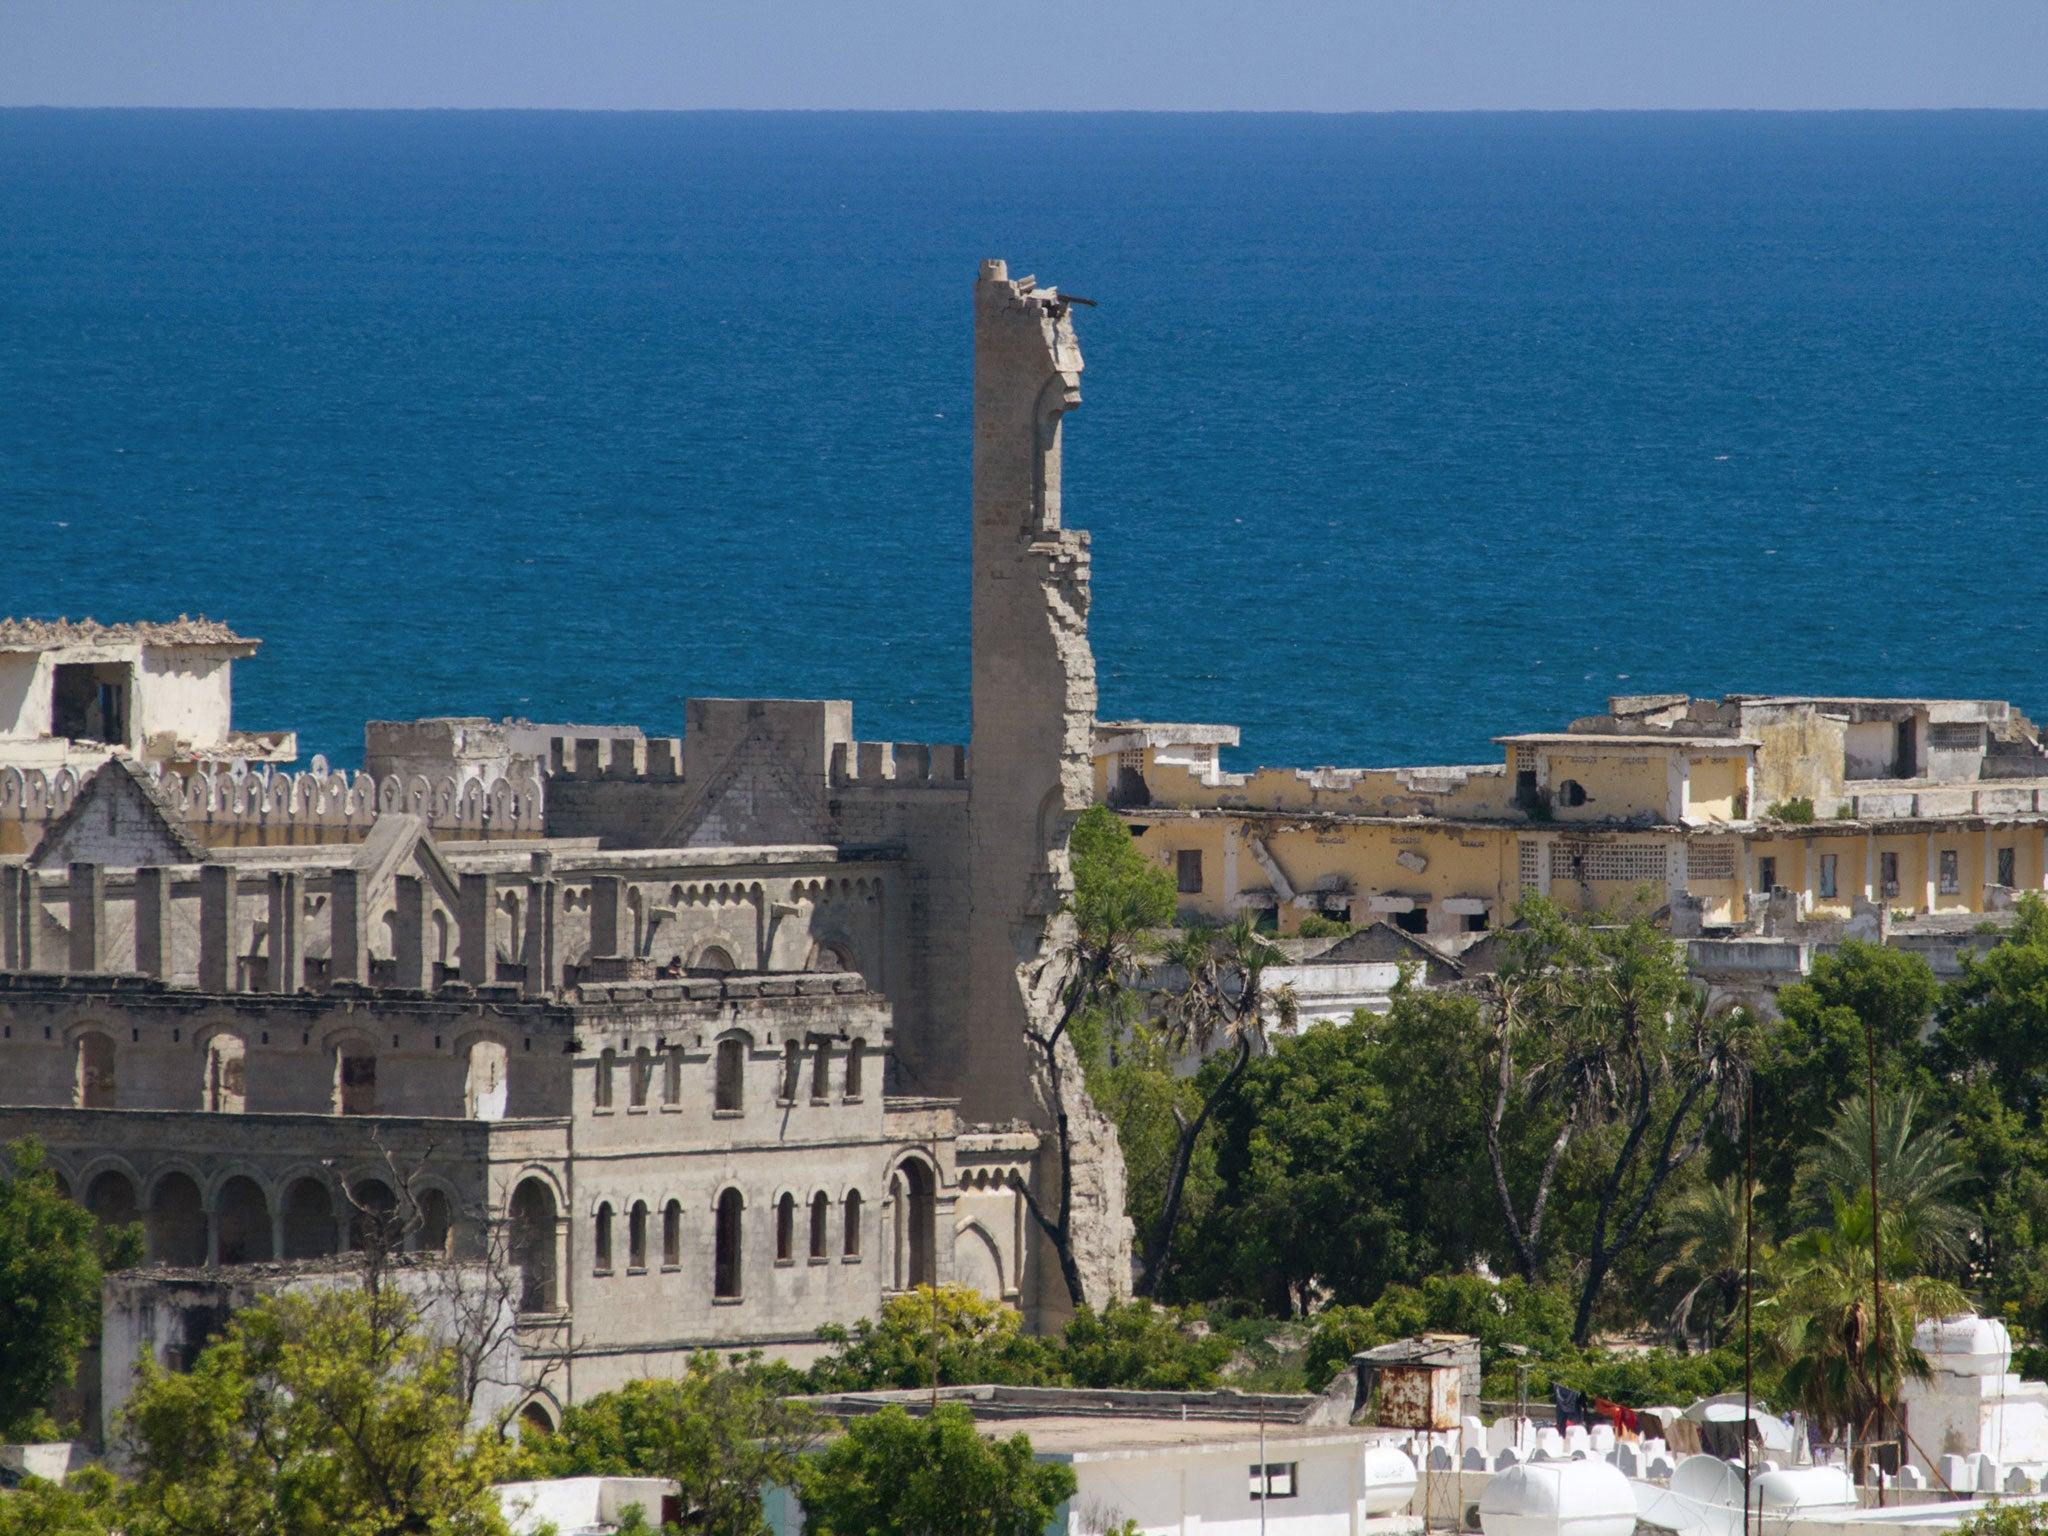 somalia map with Mogadishu Hotel Attack Live Updates Al Shabaab Islamists Somalia A6898481 on Hargeisa Independence Monument 22 additionally Yalta Map in addition Somalia Somaliland furthermore Khartoum in addition Gabon.